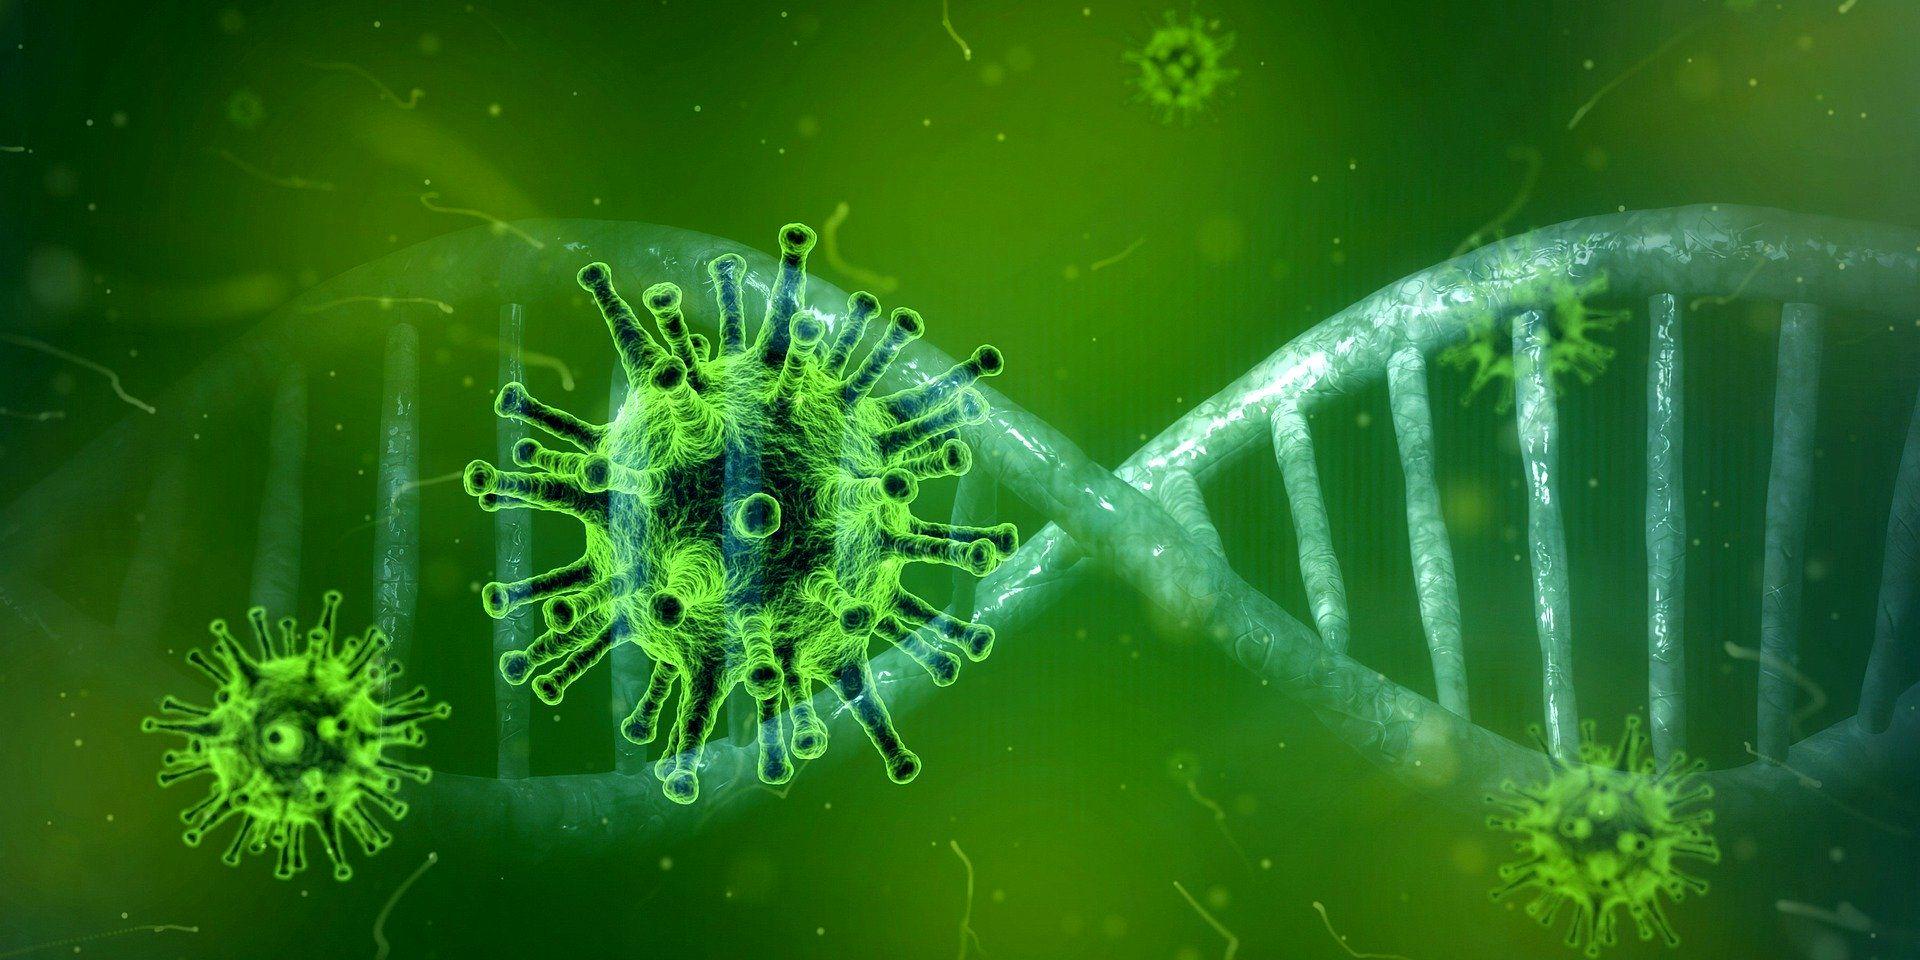 منشاء جدید ویروس کرونا کشف شد/ پانگولین عامل ابتلا به کووید ۱۹ در انسانهاست!؟